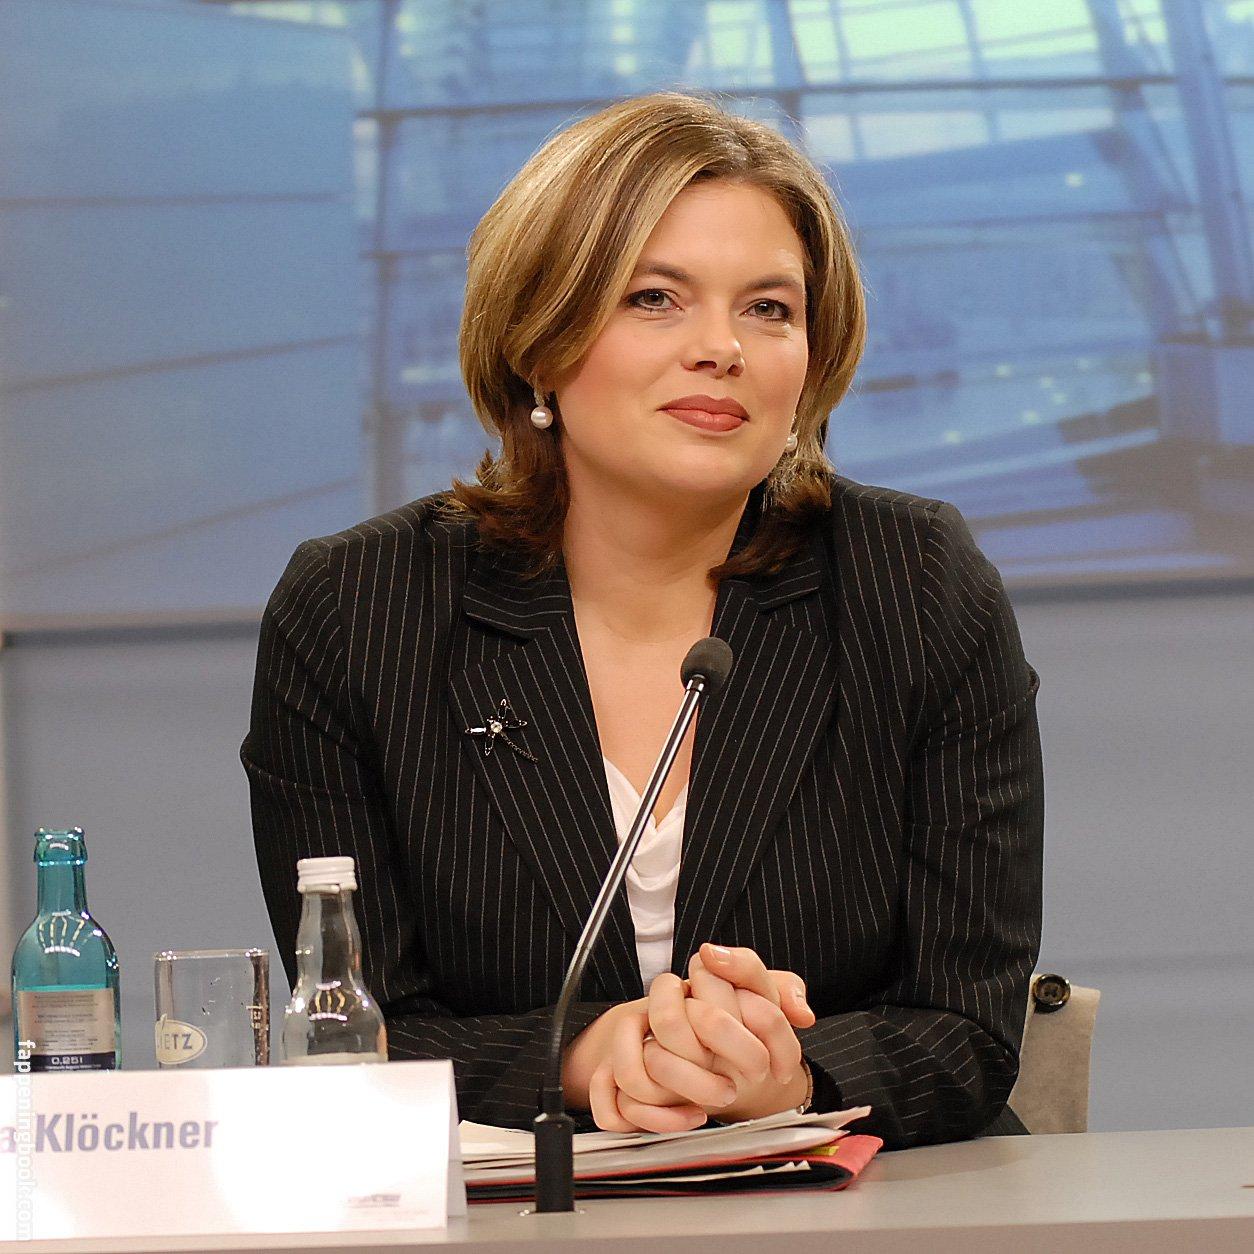 Klöckner naked julia Sexy Julia